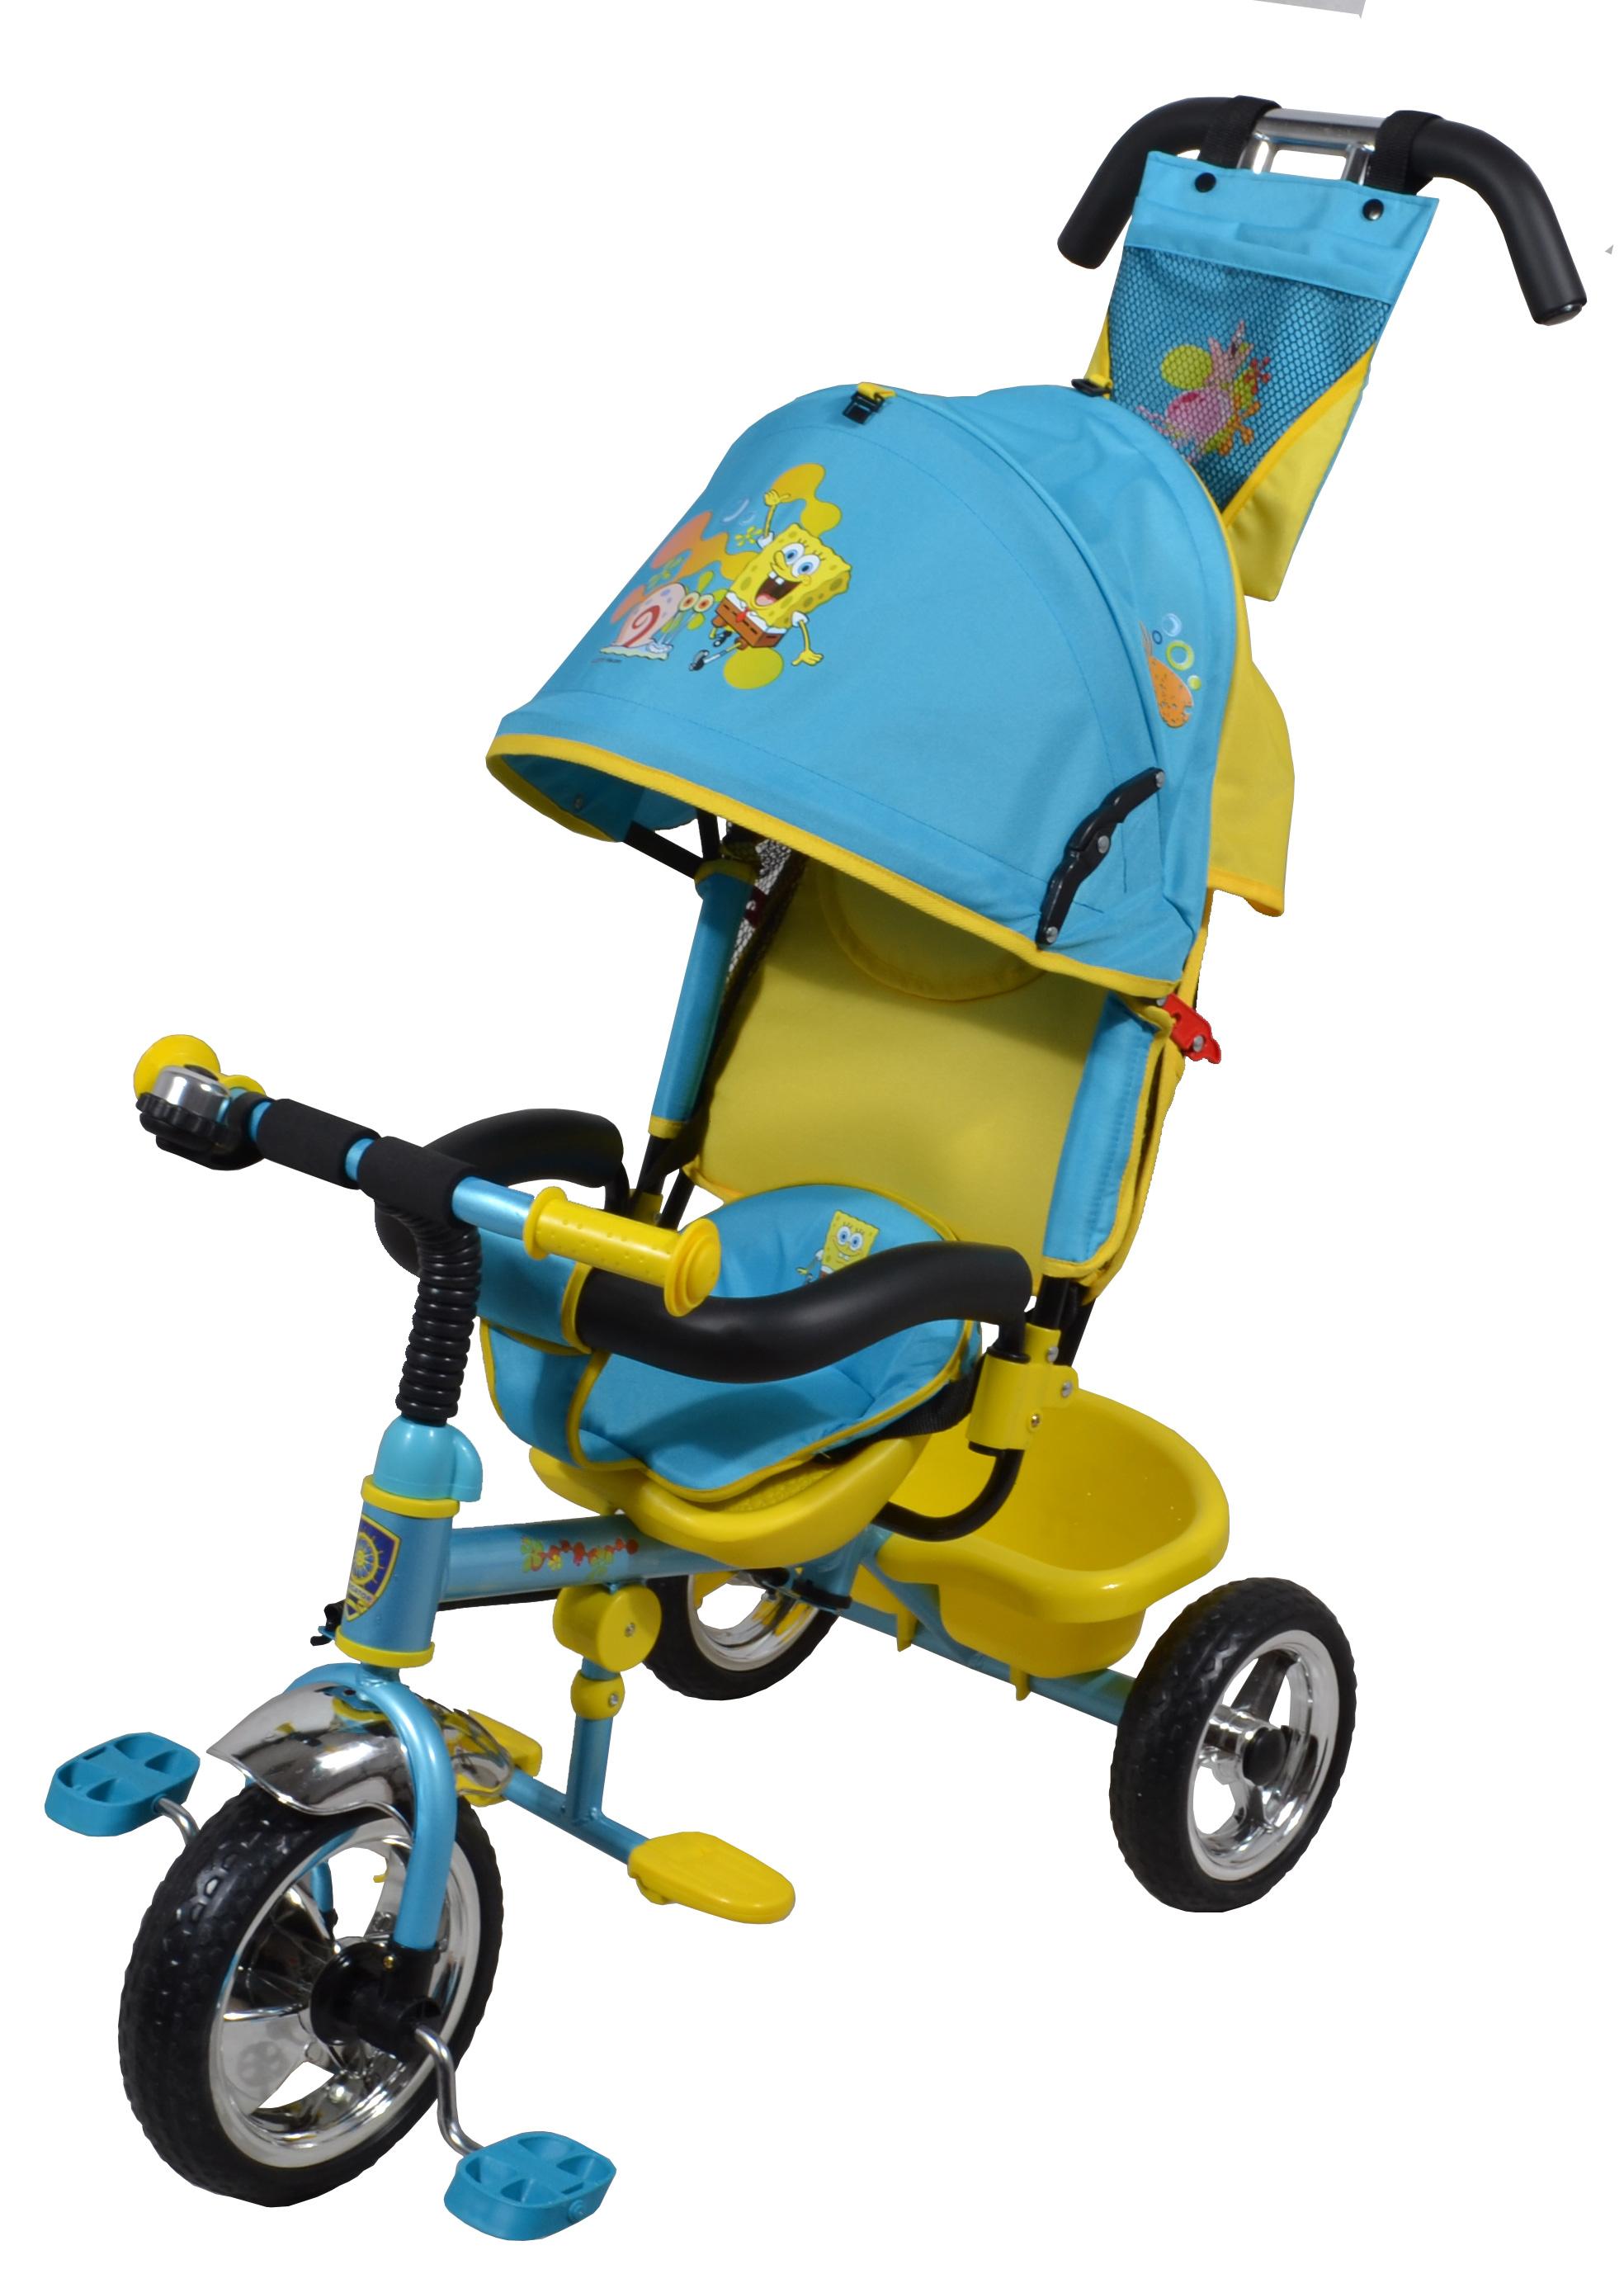 Navigator Трехколесный велосипед Lexus Губка БобТ57593Популярная модель детского трехколесного велосипеда с ярким дизайном и популярной лицензией Губка Боб. Велосипед снабжен ручкой управления для родителей.